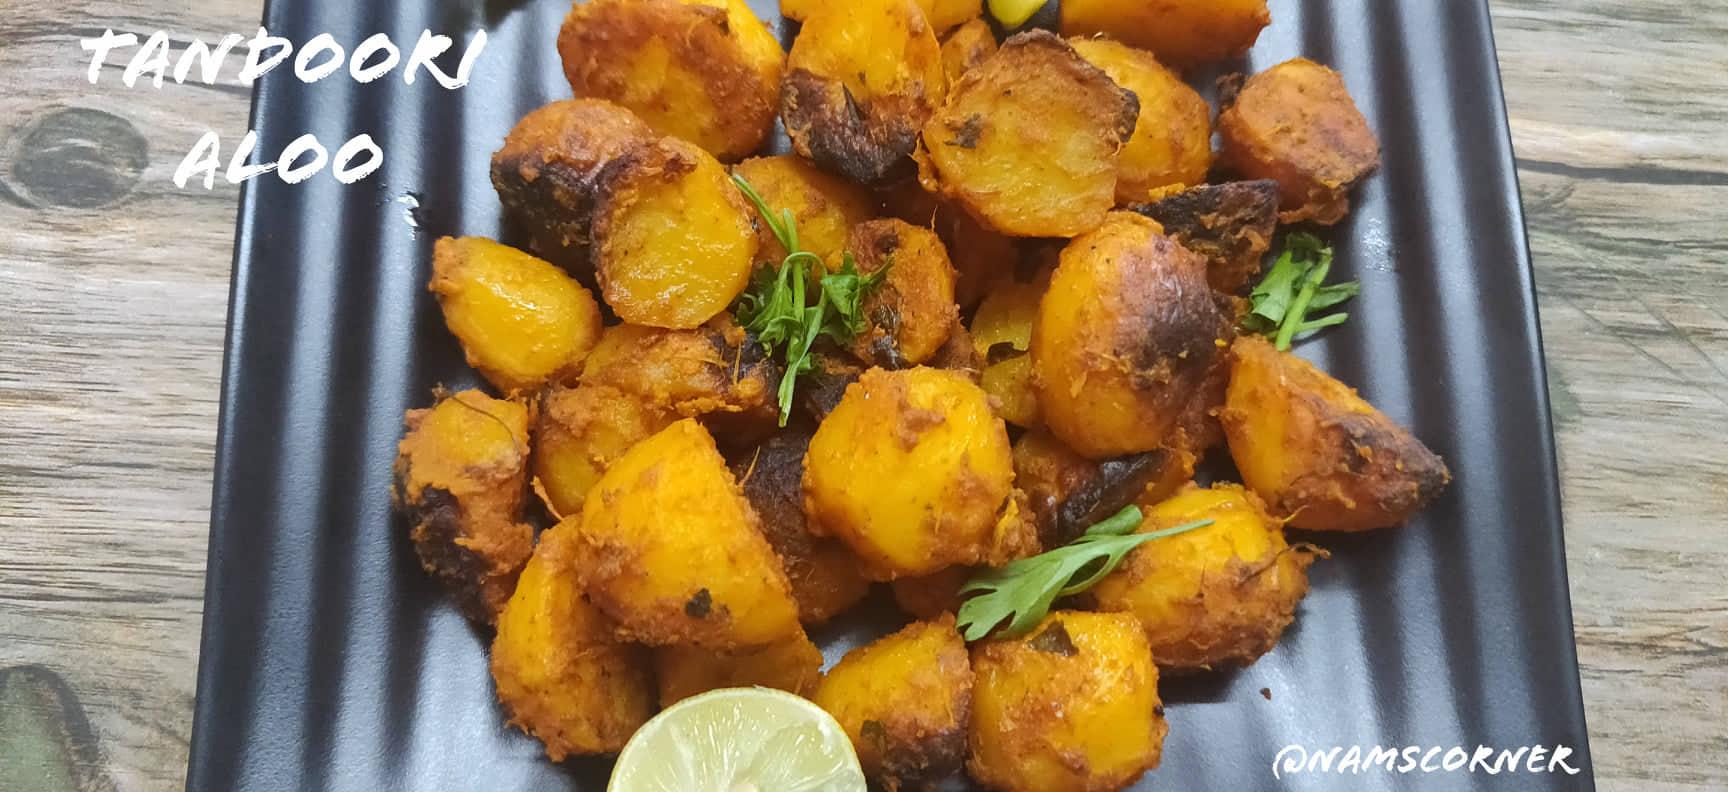 Tandoori Aloo Recipe | Aloo Tikka Recipe | How to make Tandoori Potatoes